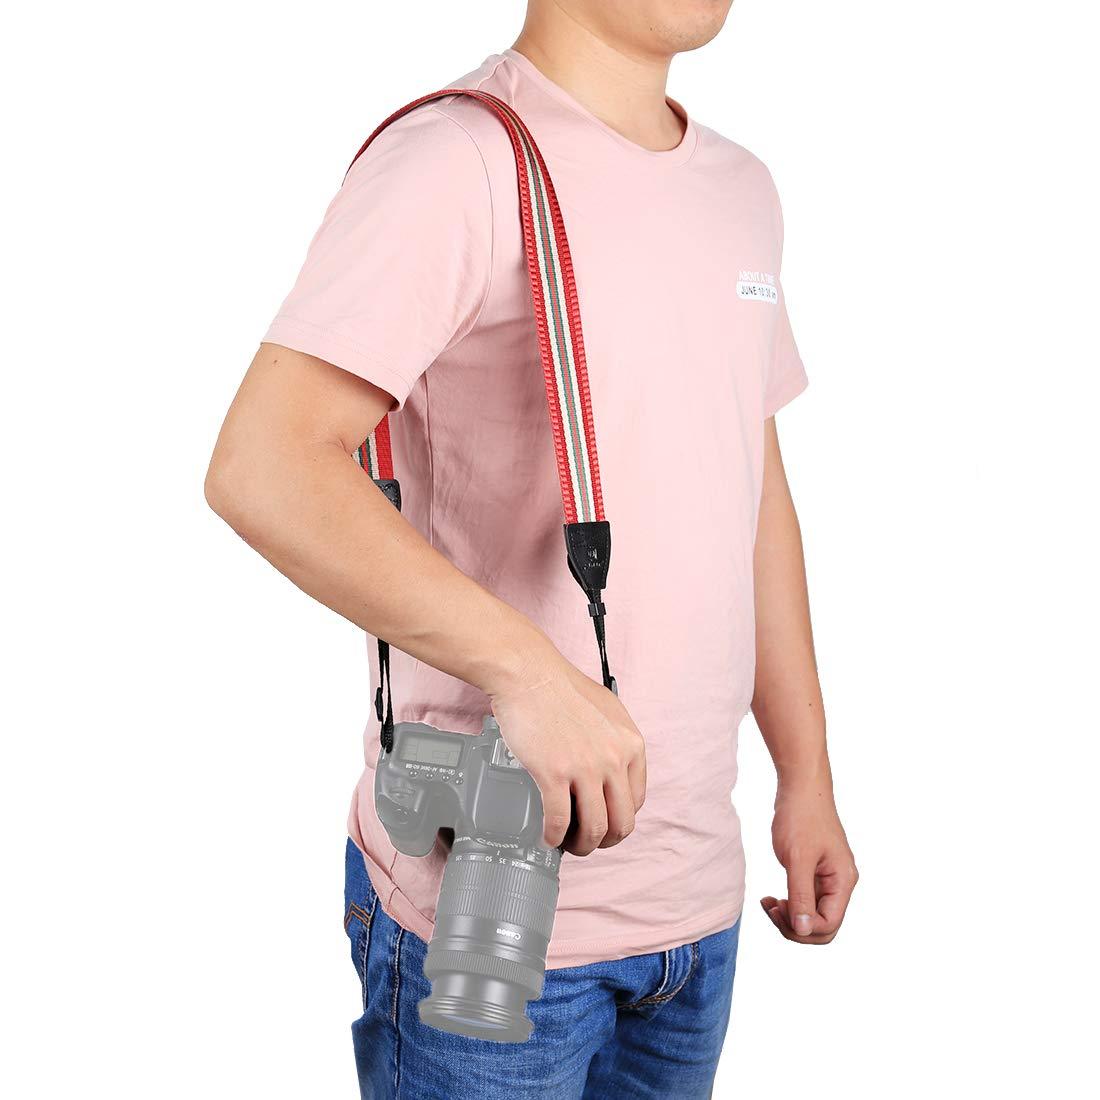 BYbrutek Kameragurt für DSLRs, Weich Kamera Schultergurt (universal passend), 150cm Long, 3.8cm Wide (6010R)